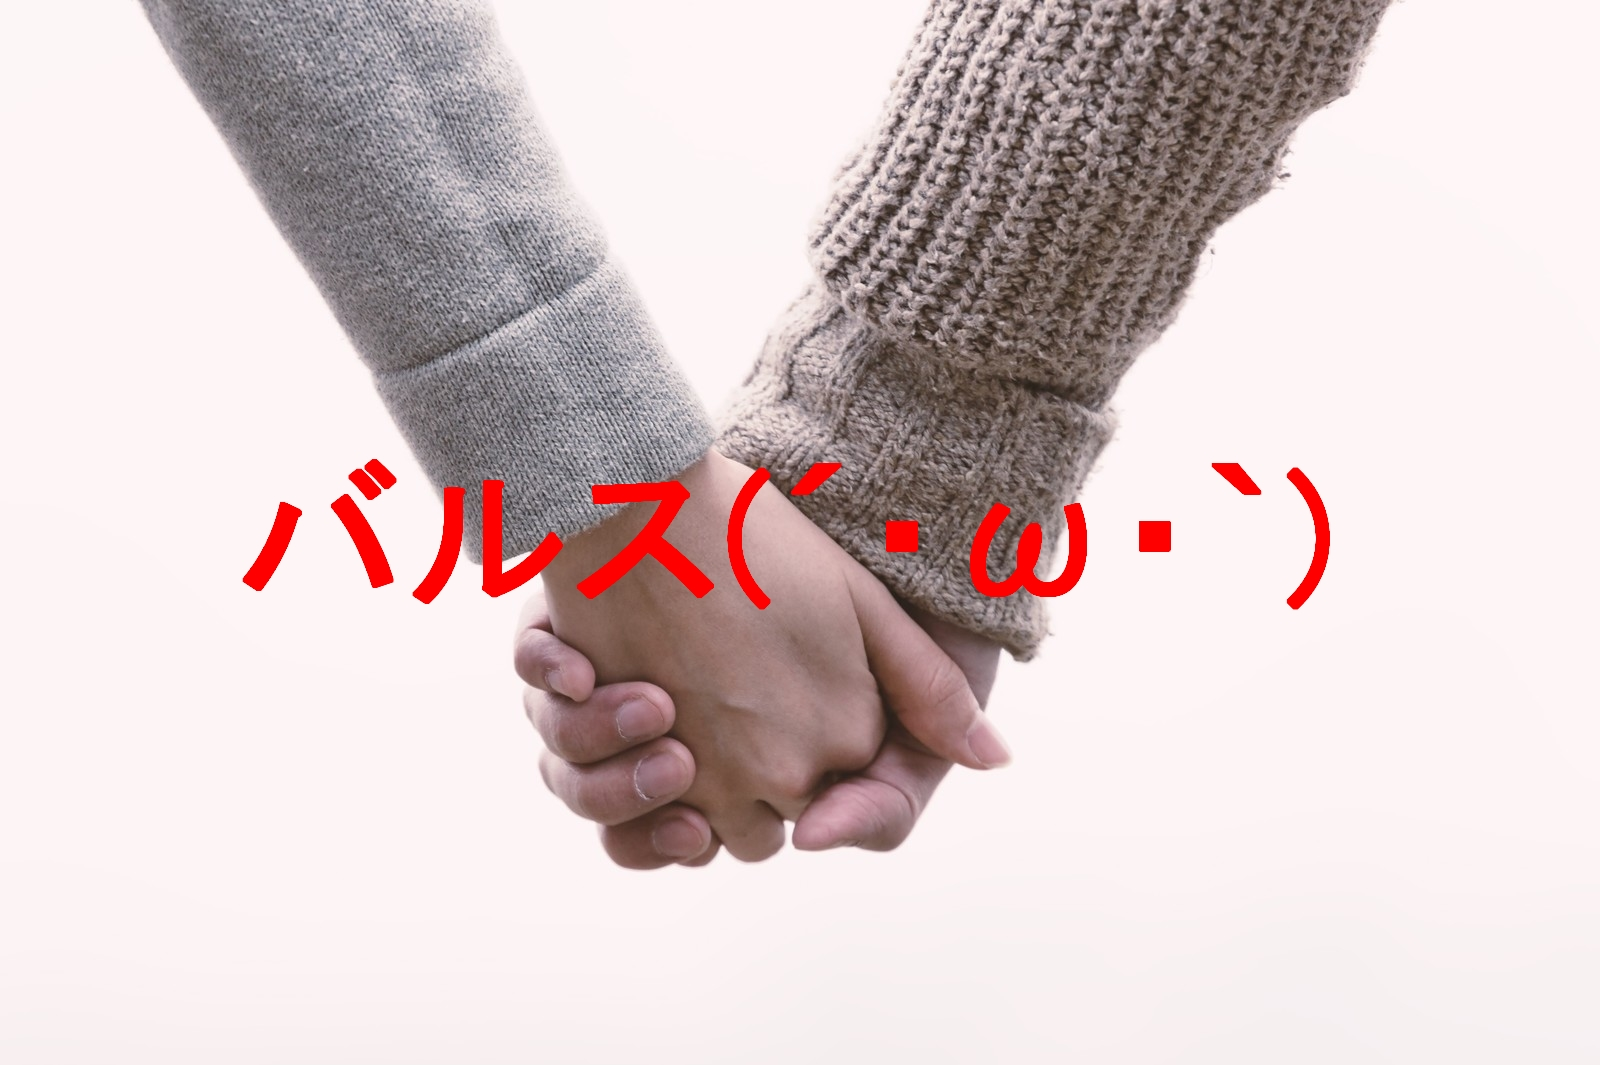 PAK66_koibitototewotunagu20140301_TP_V